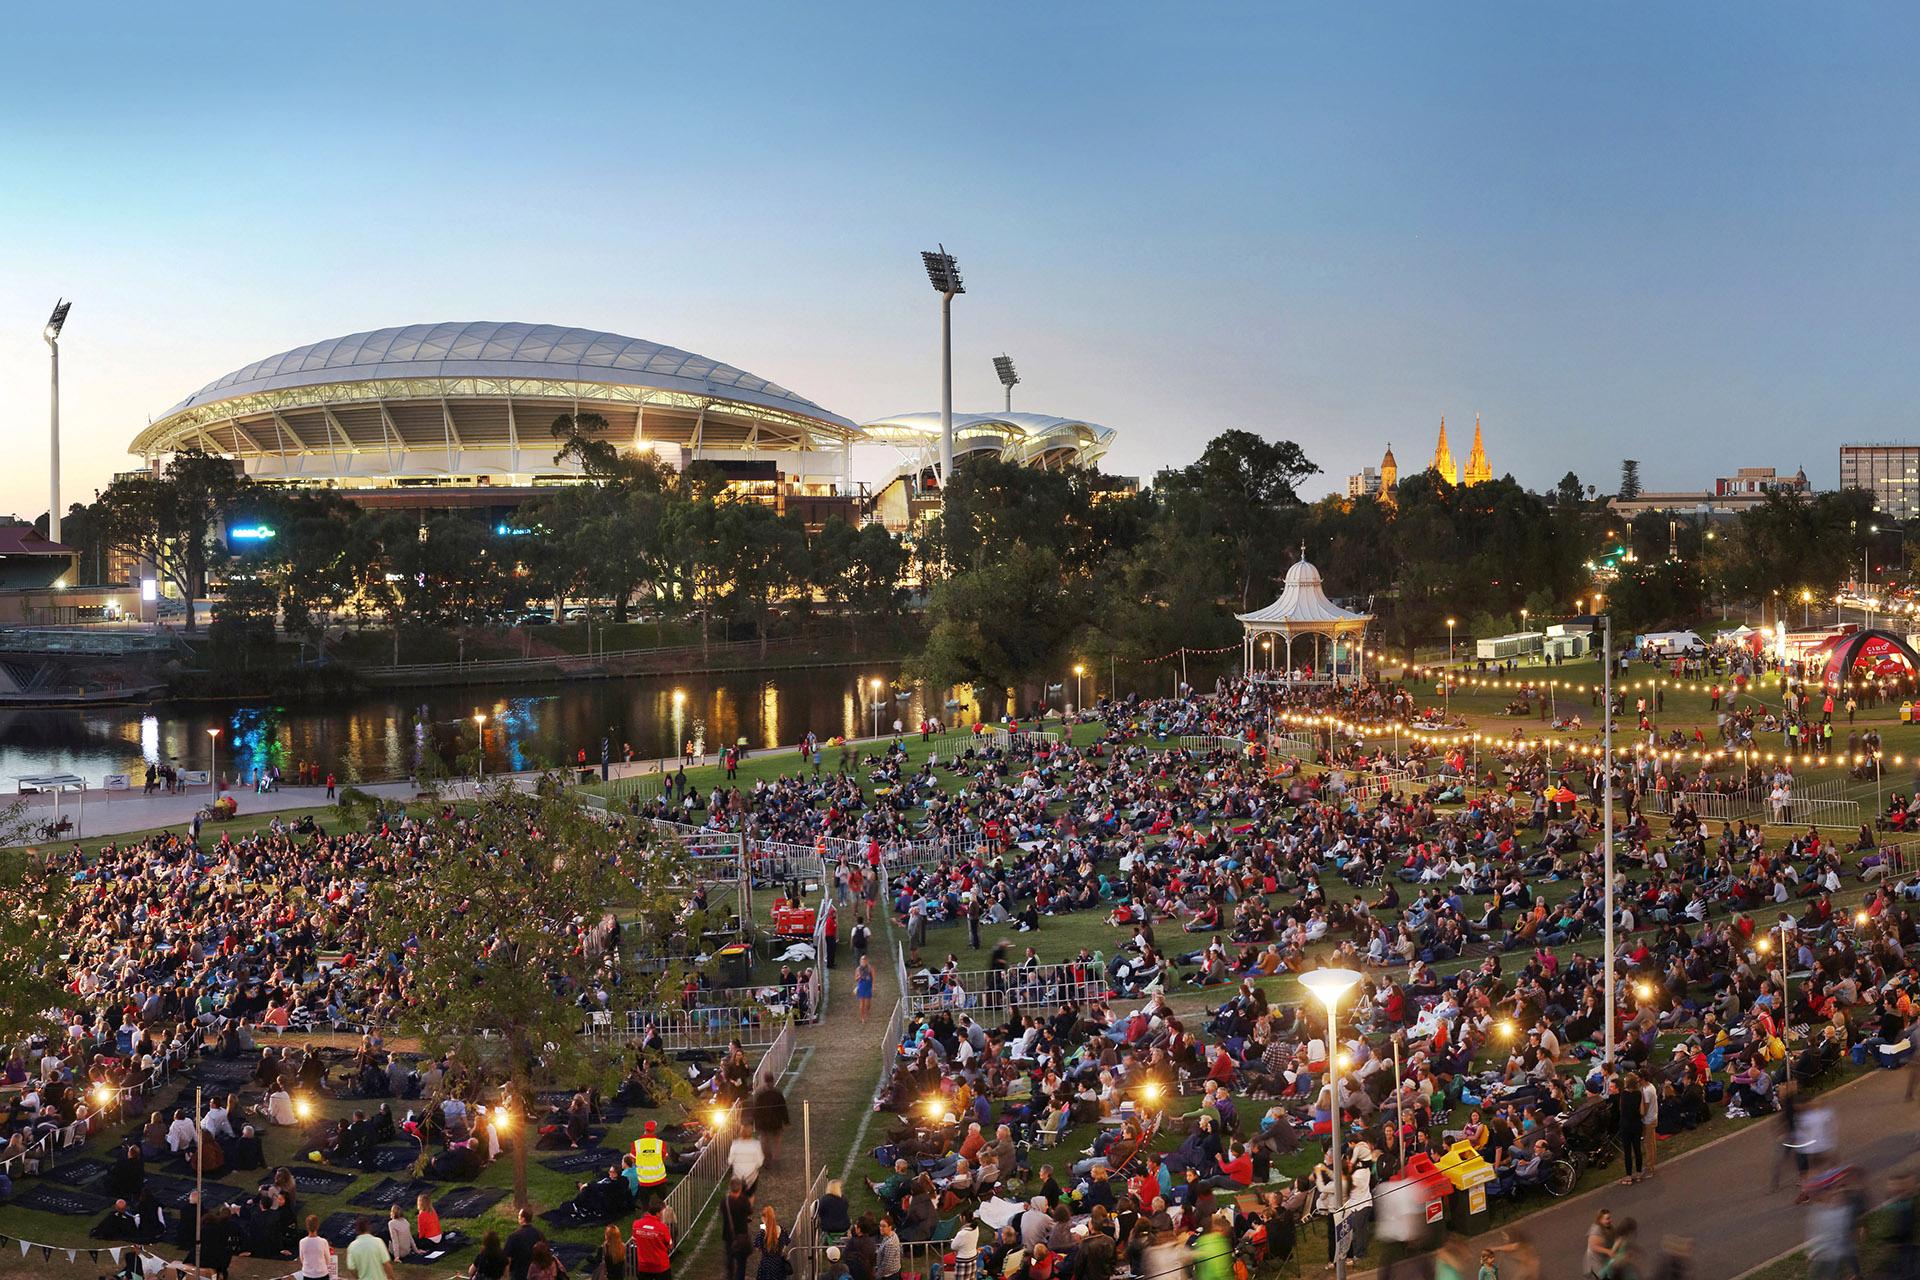 Nhung le hoi lon tai Adelaide - Những lý do chứng minh Adelaide là thành phố đáng sống nhất nước Úc